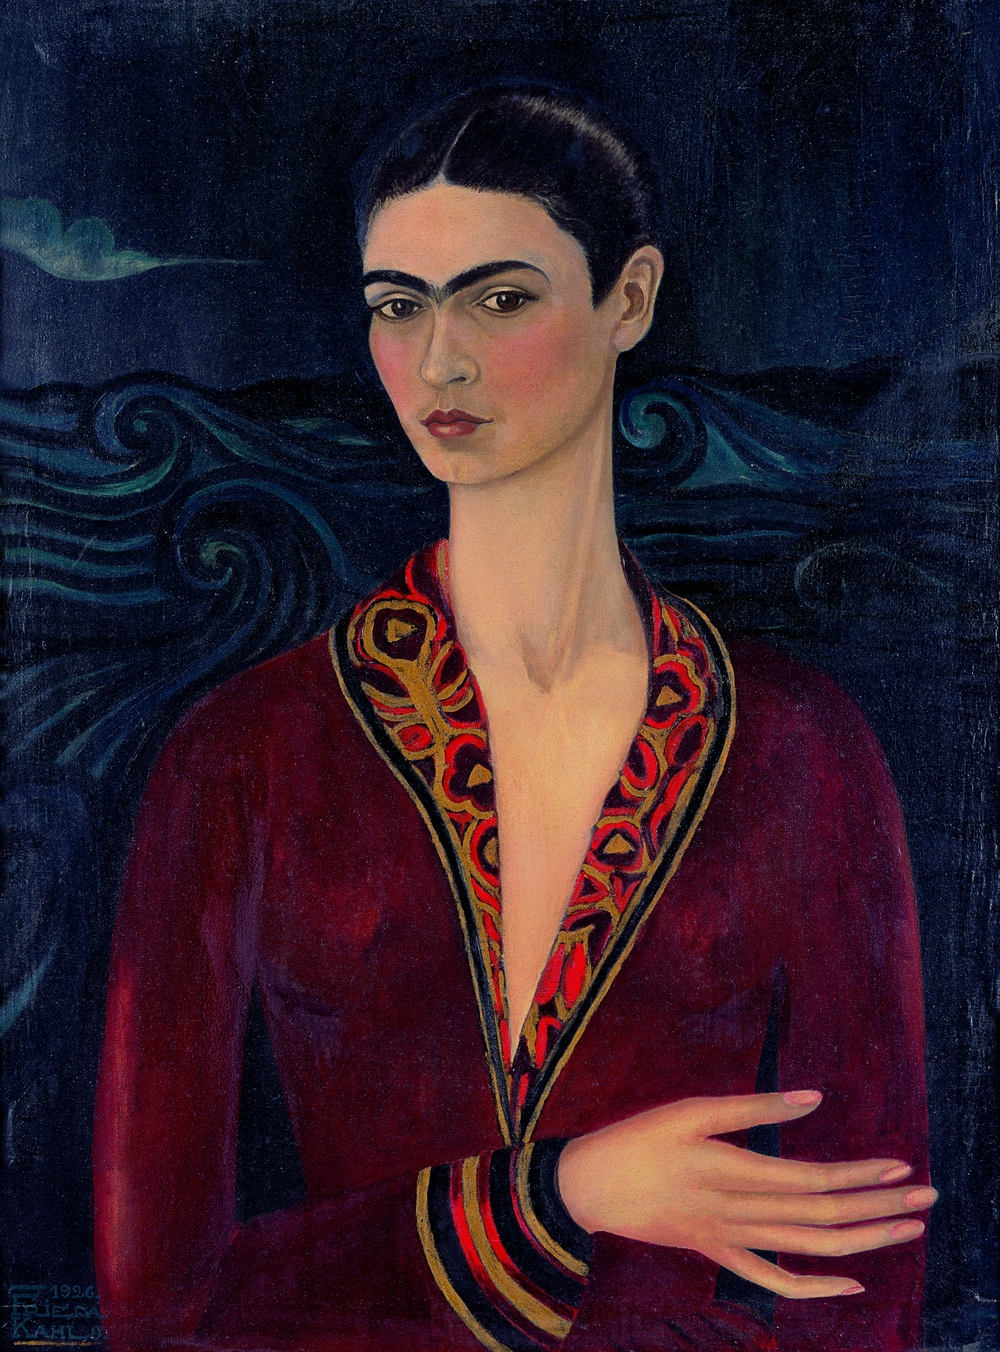 03 - Frida Kahlo - Autoritratto con vestito di velluto.jpg